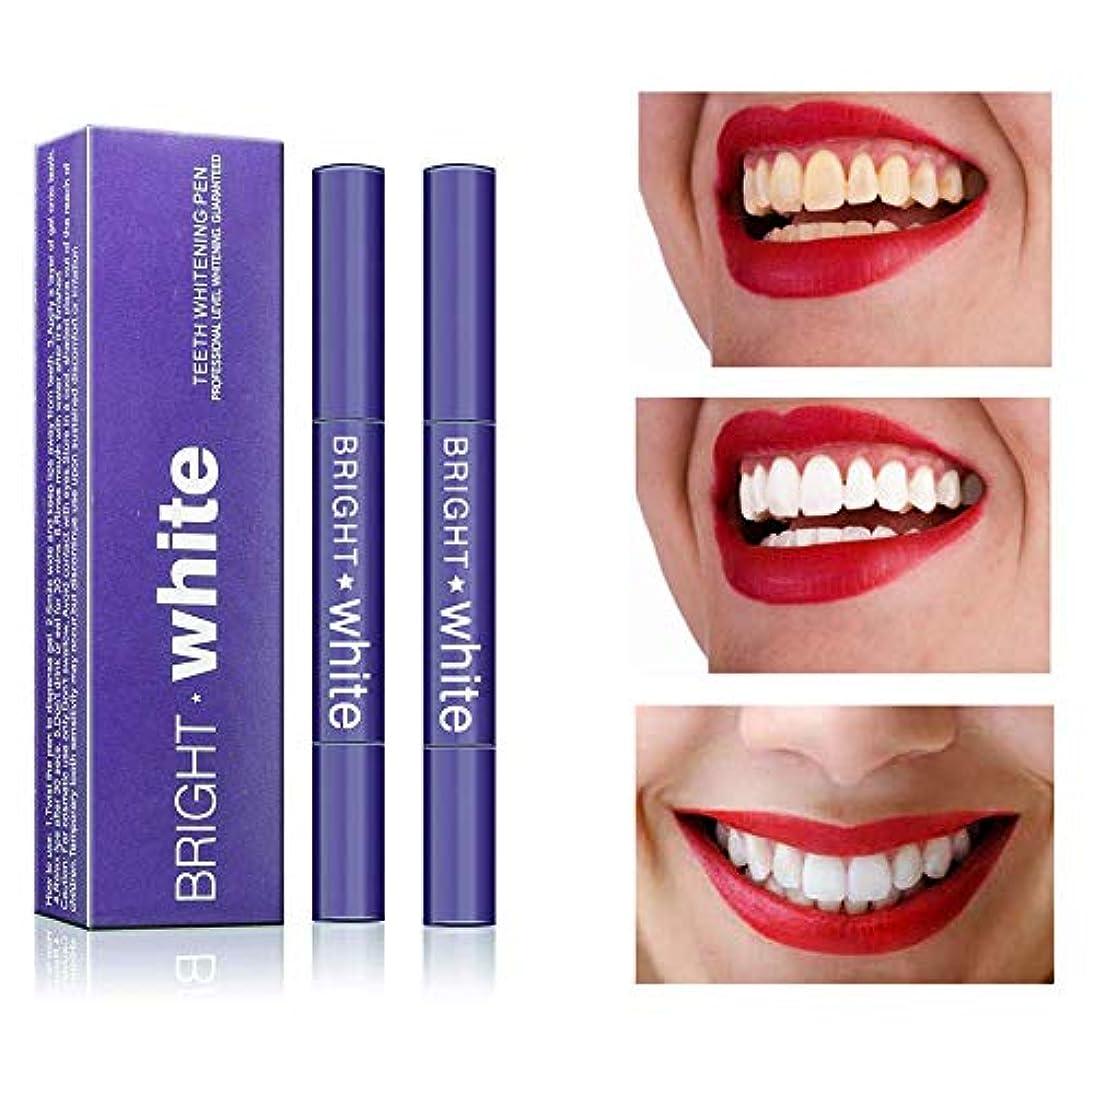 スキャンダルラフト白鳥Odette 2019 歯のホワイトニング 美白歯ゲル 歯 ホワイトニングペン ホワイトニングペン 歯ブラシ 輝く笑顔 口臭防止 歯周病防止 (#02)